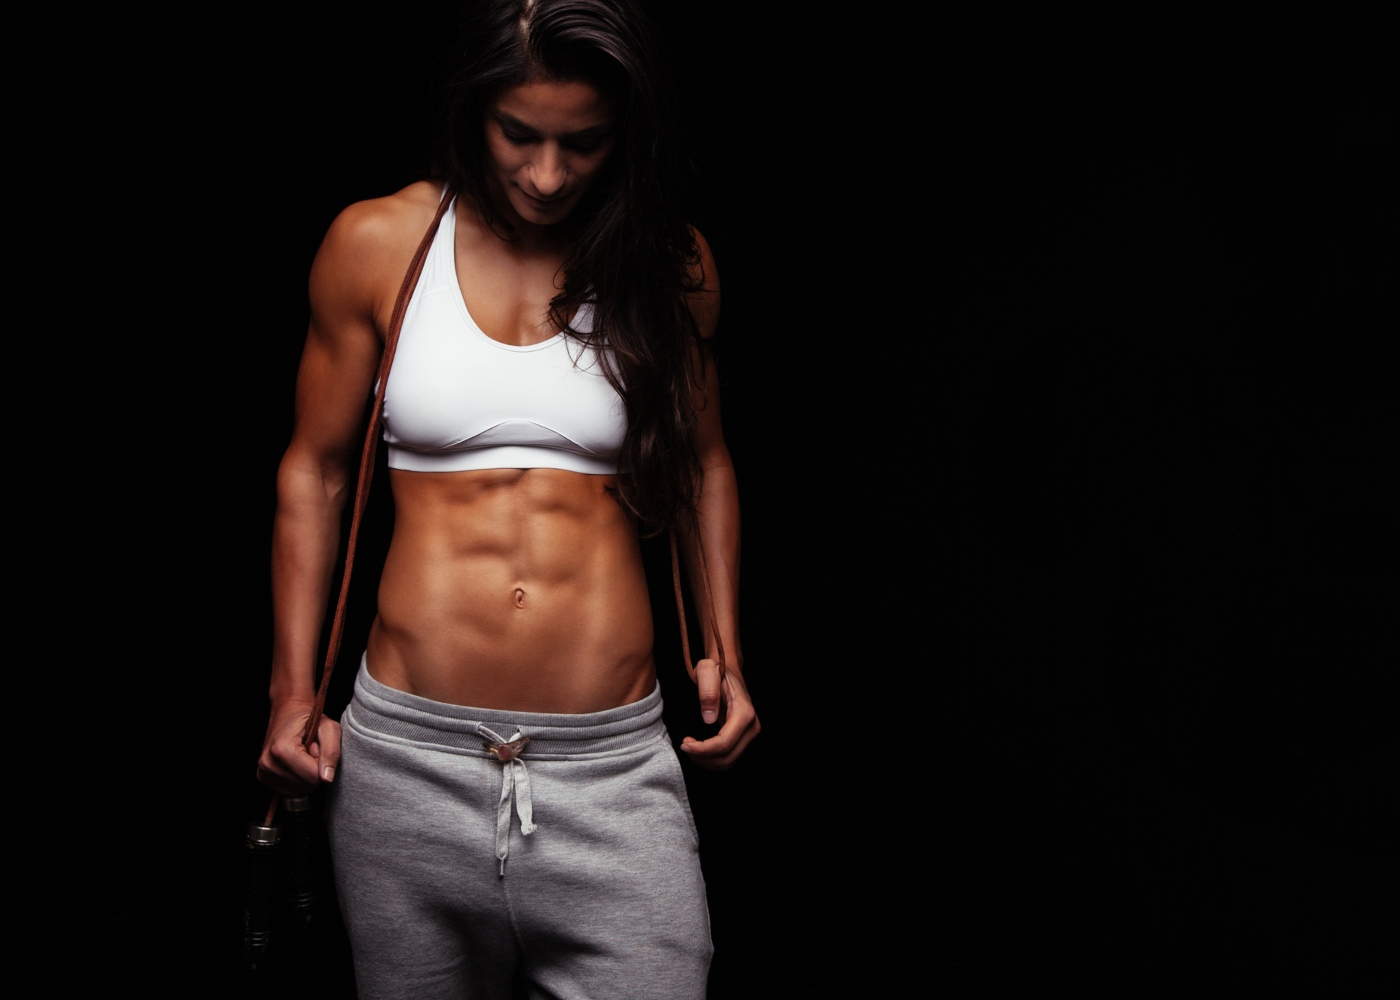 Mulher de porte atlético a preparar-se para treinar